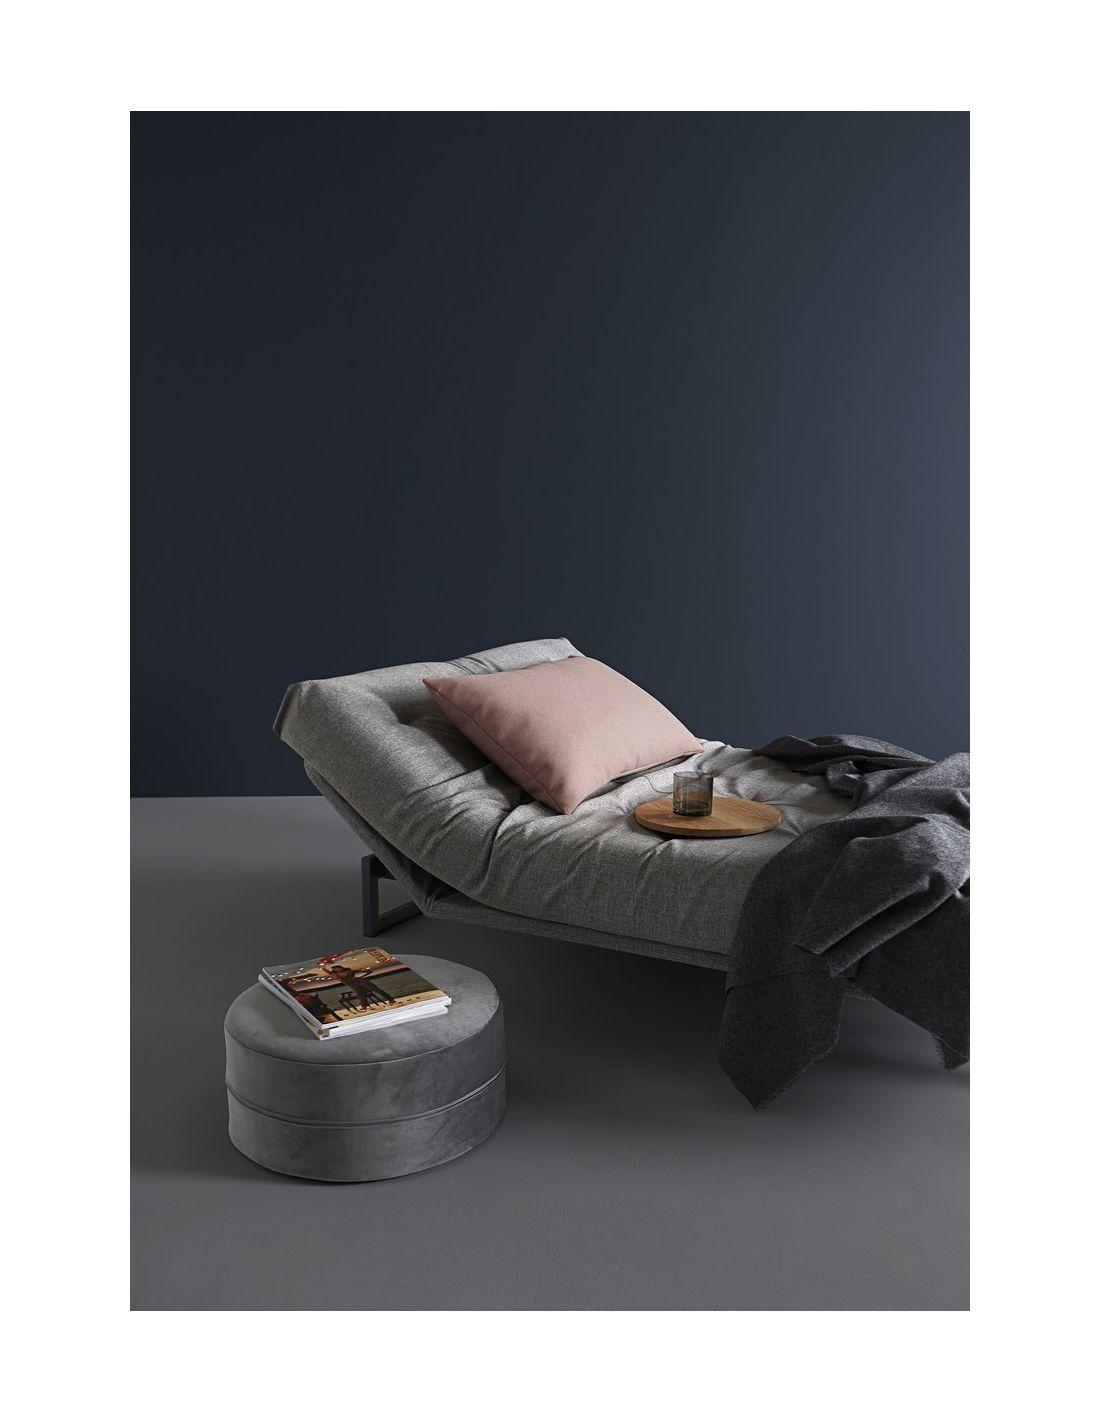 Divano letto matrimoniale design nordico 140x200 cm Fraction 140